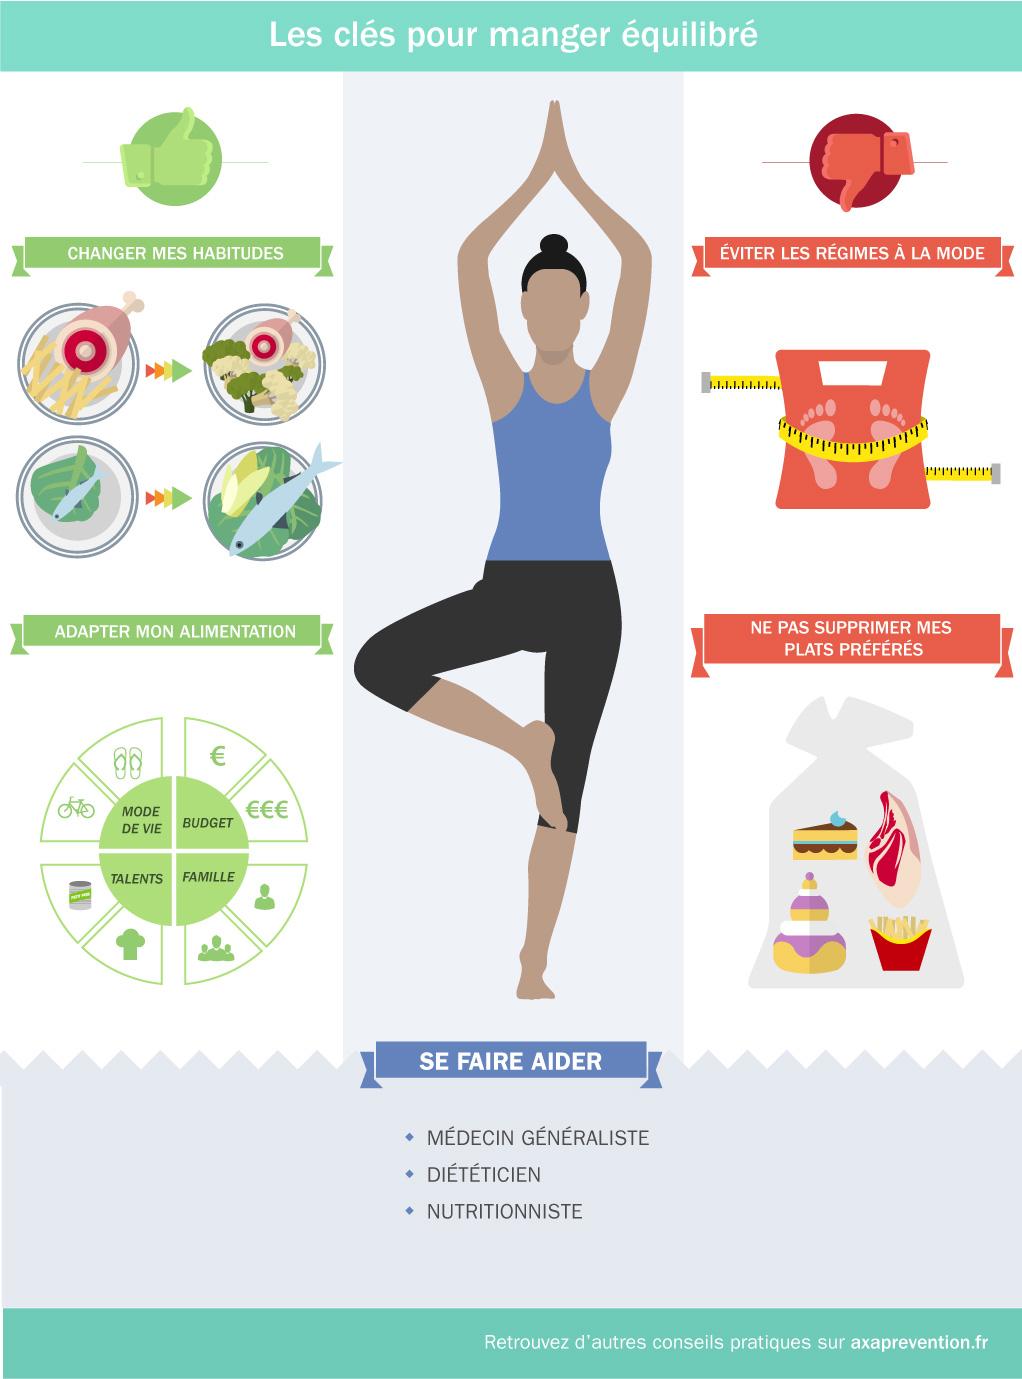 Les clés pour manger équilibré